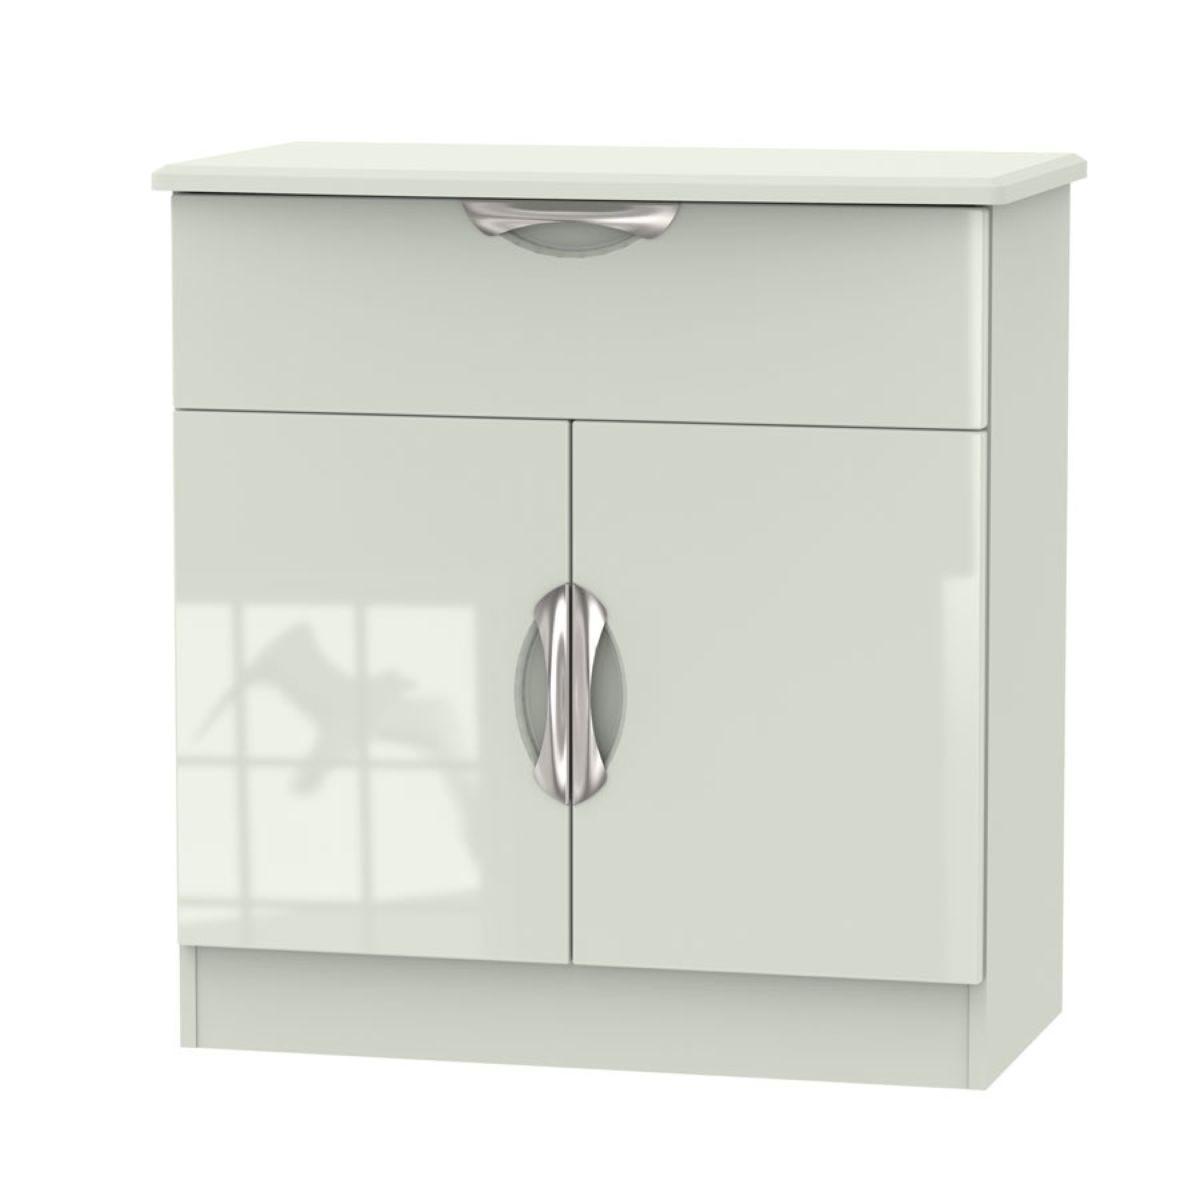 Indices 1-Drawer, Double Door Sideboard - Beige